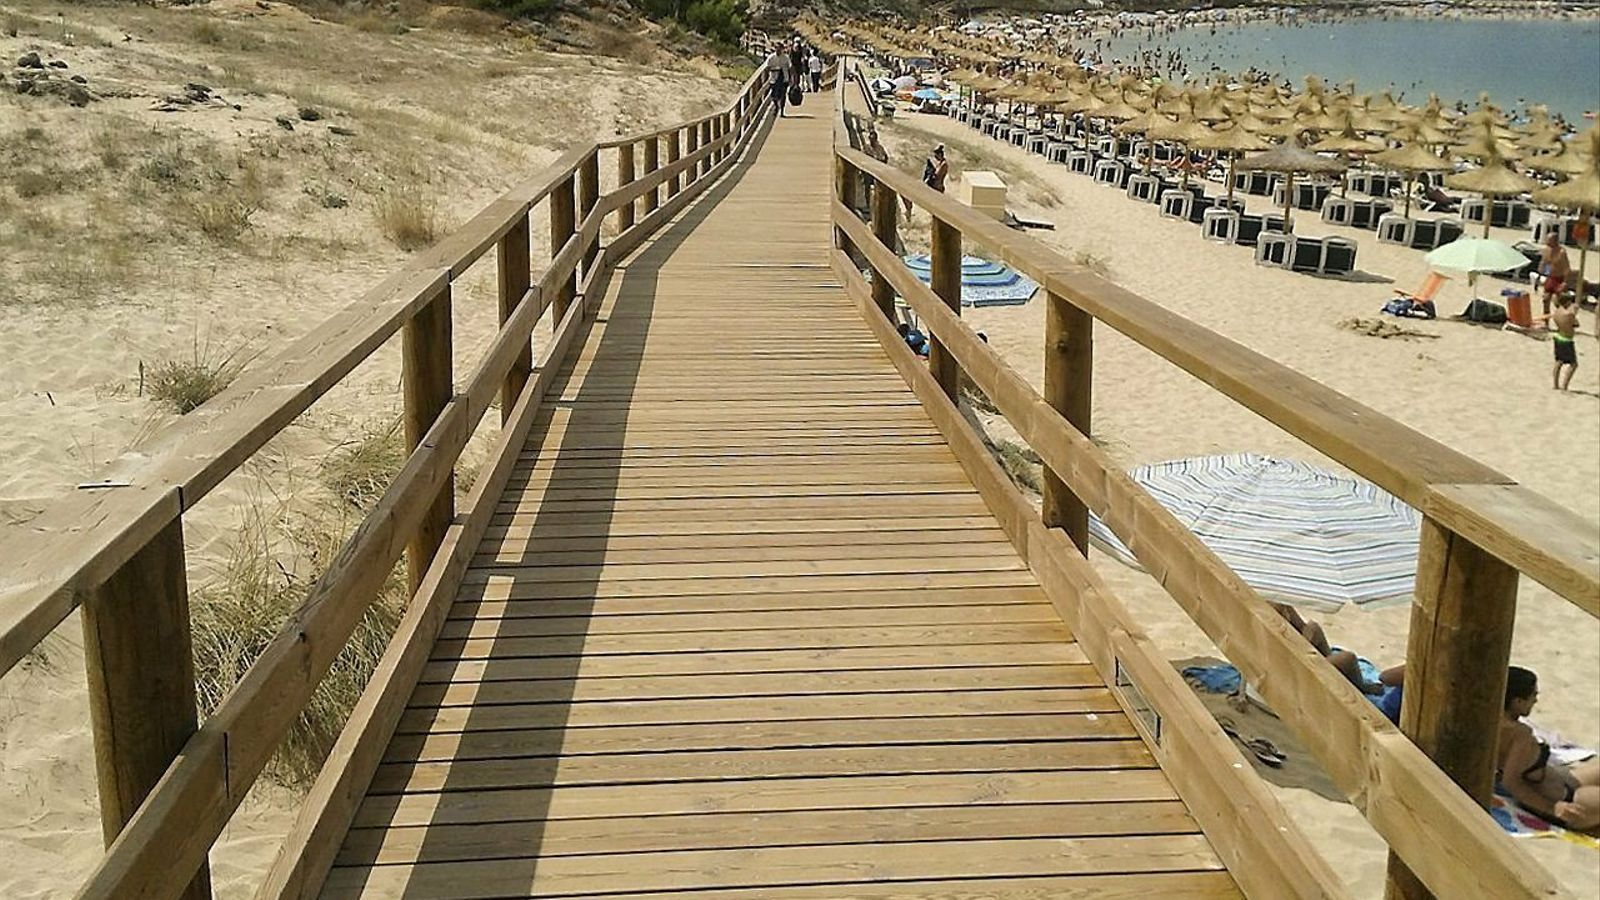 Alguna de les platges menorquines com la d'Arenal d'en Castell ja estan adaptades a persones amb mobilitat reduïda.